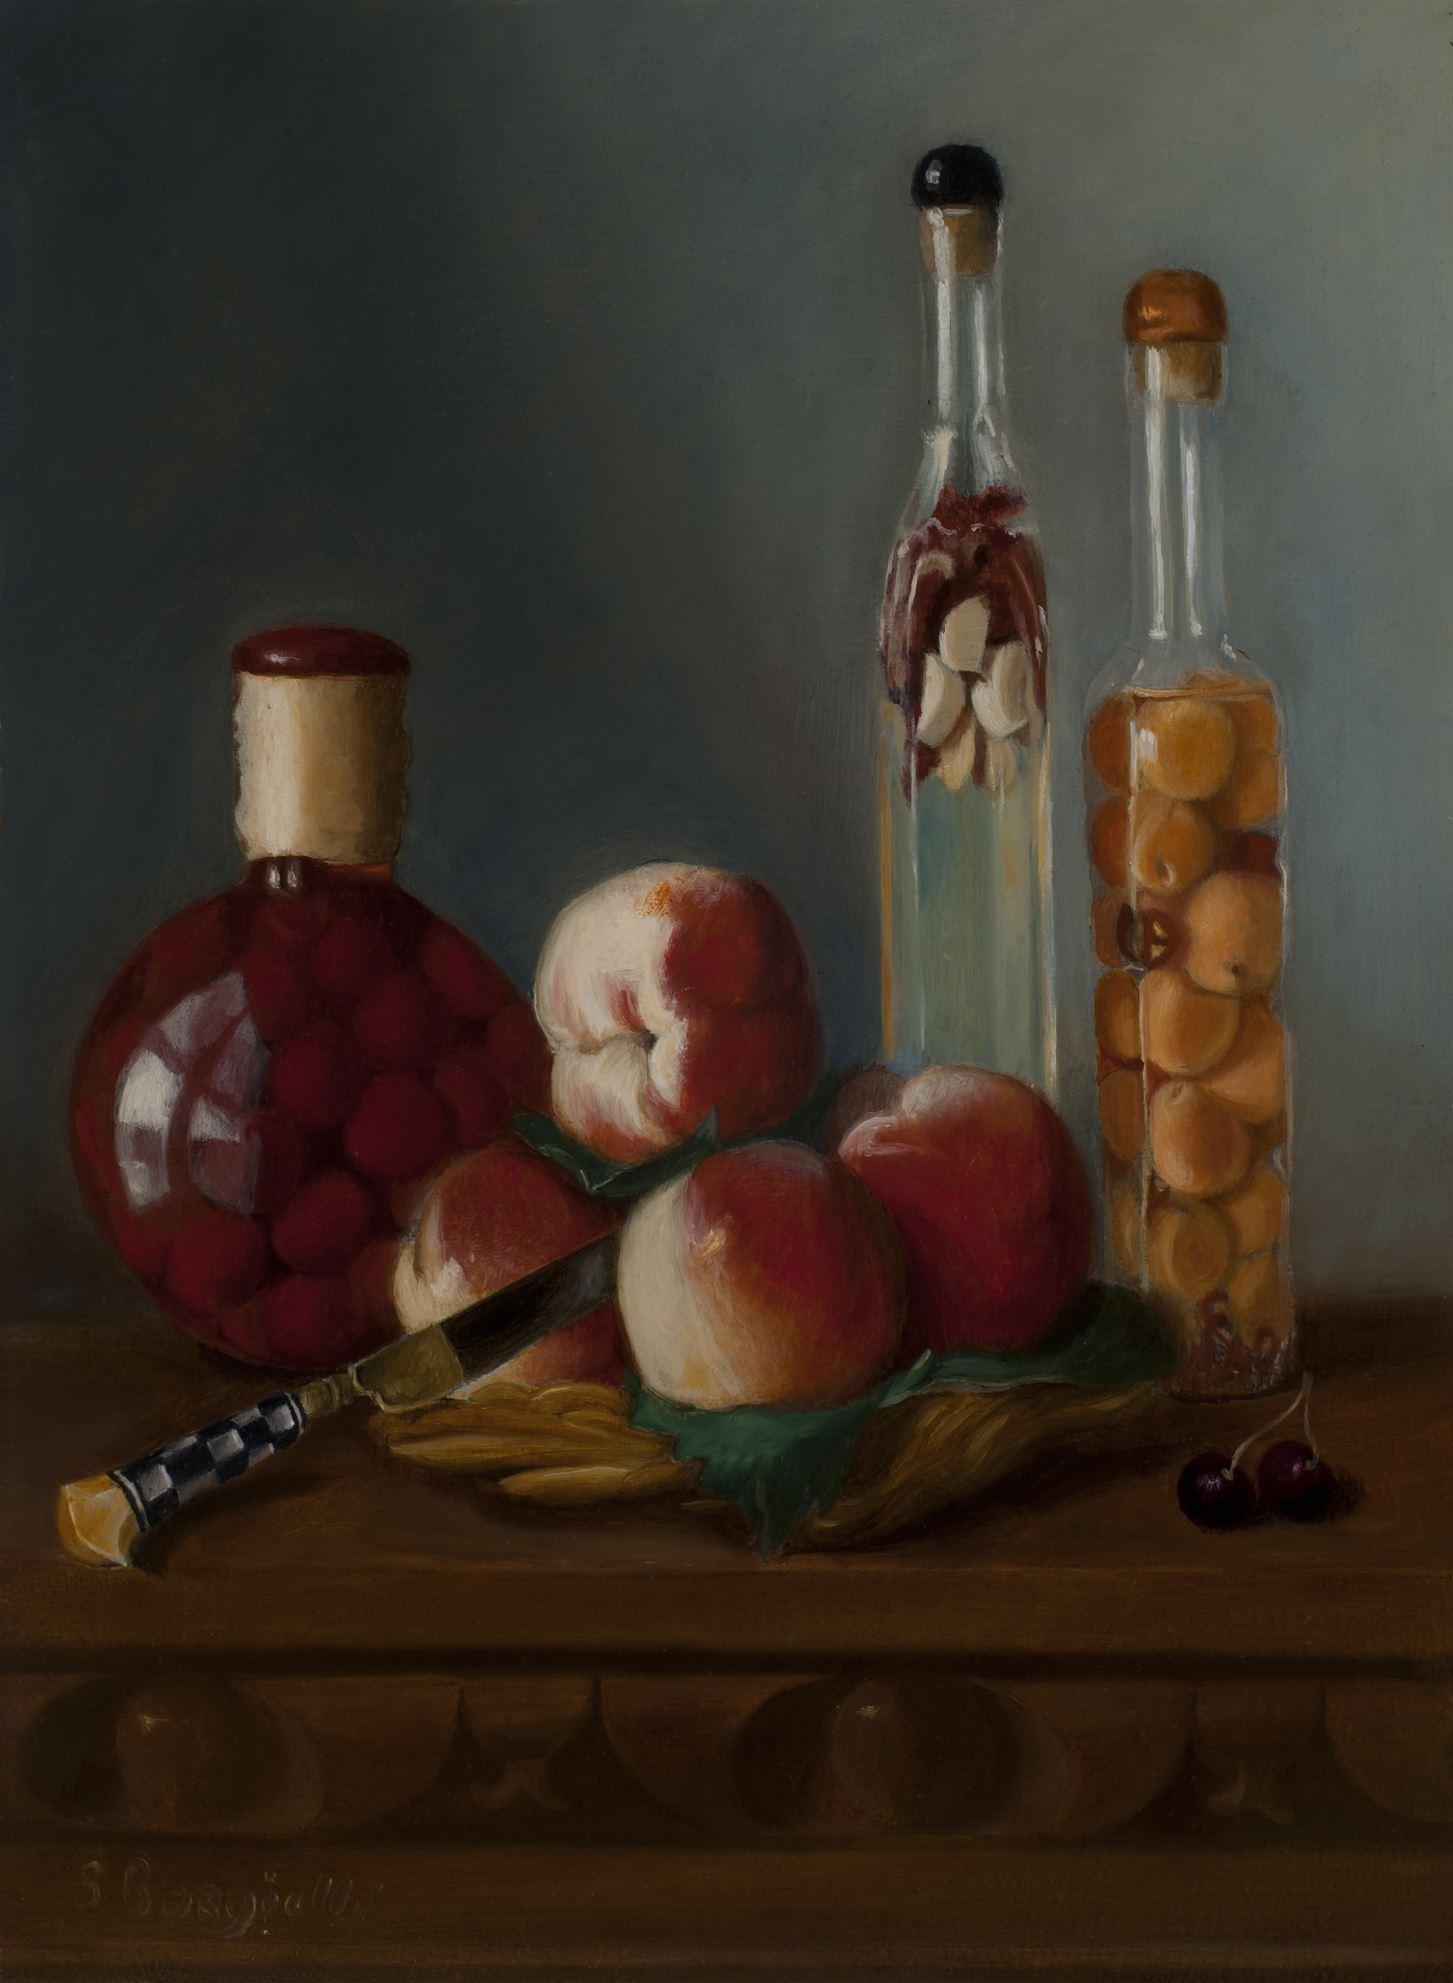 BOTTLED FRUIT, 12 X 16